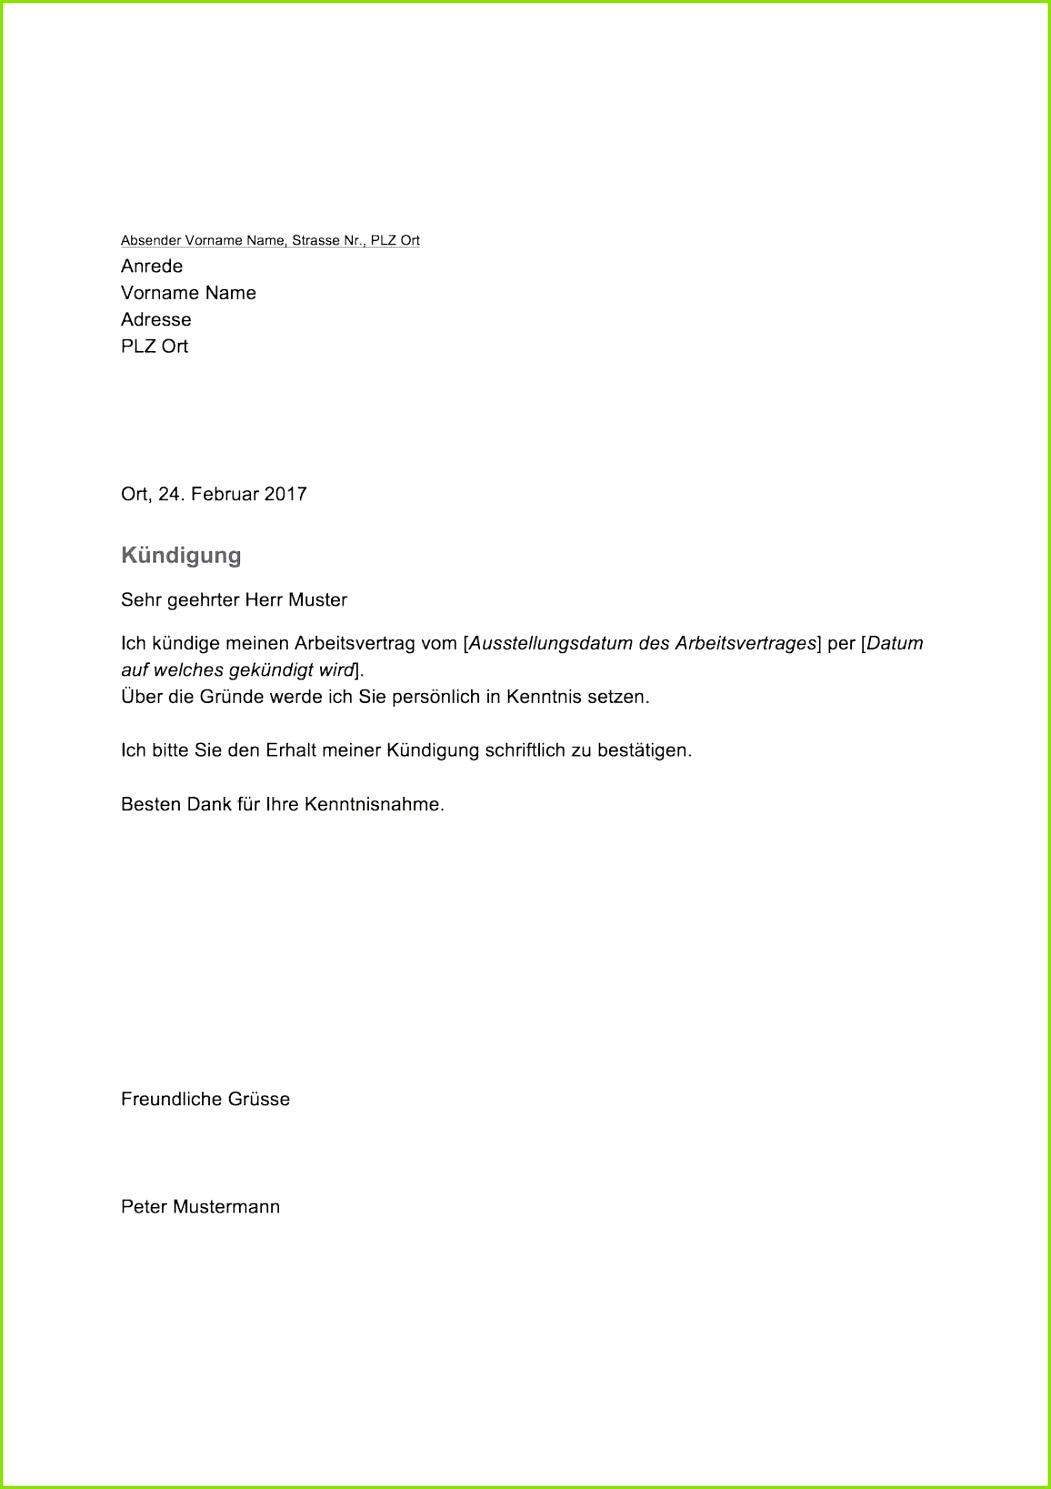 Kundigung Sparhandy kündigung sparhandy vorlage schöne kündigungsschreiben arbeitnehmer